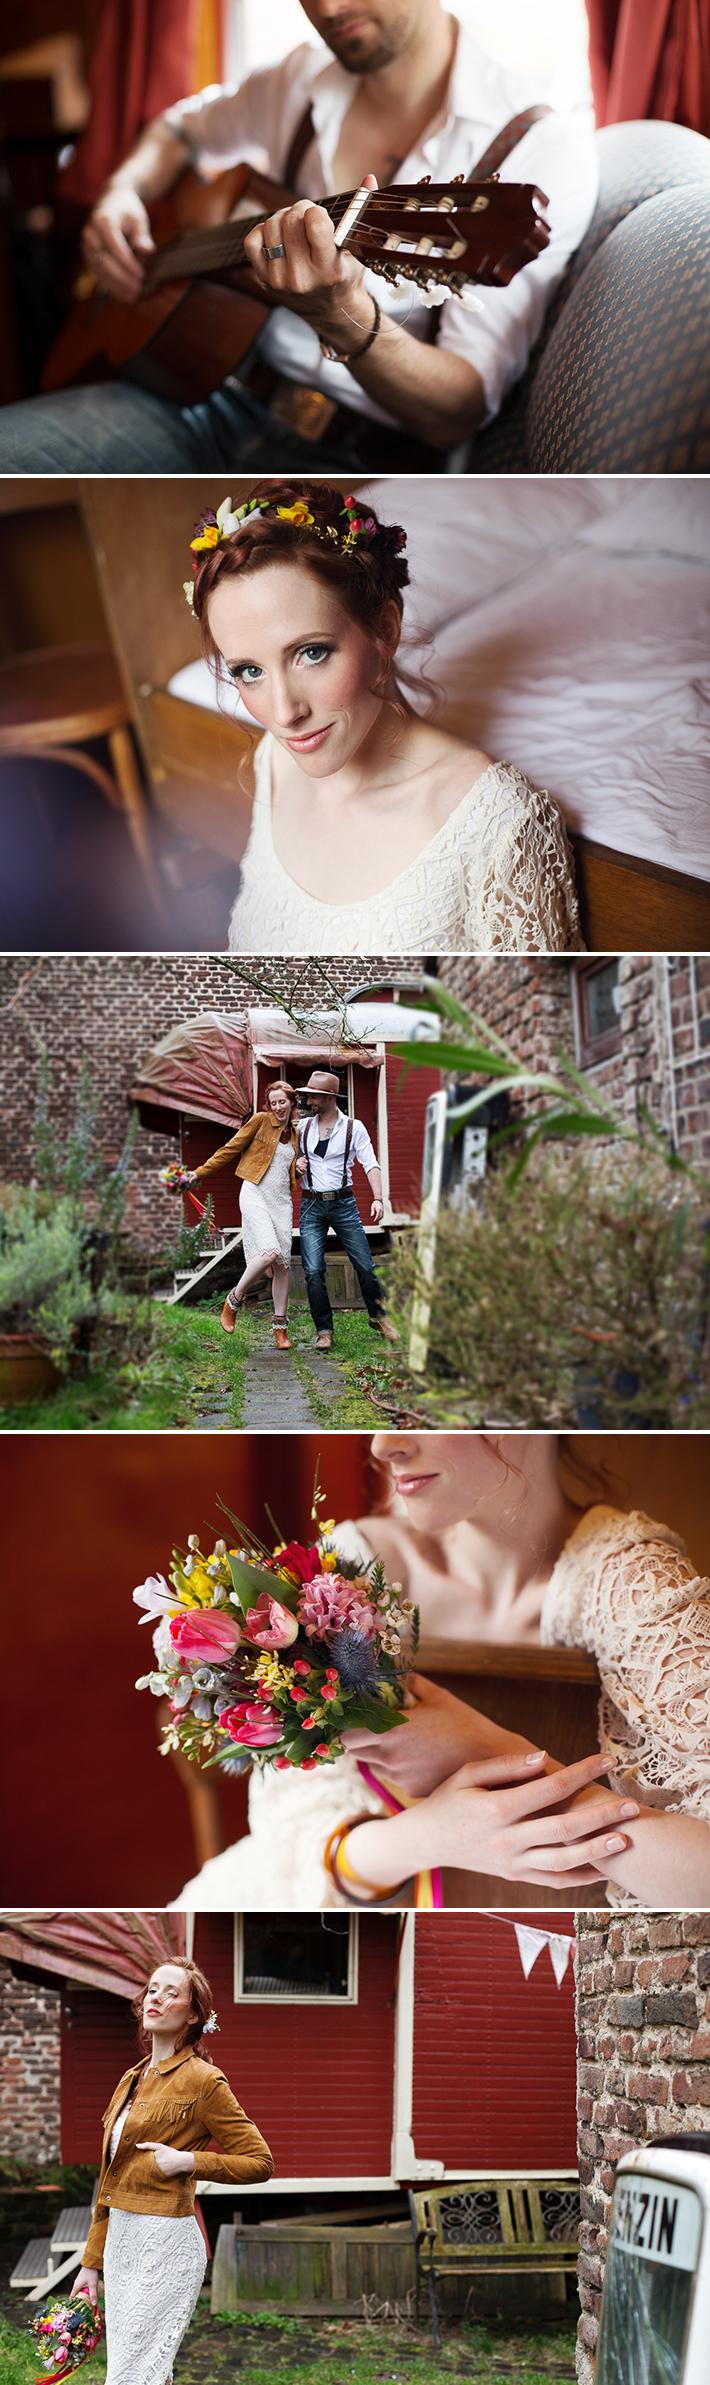 festival-wedding-3